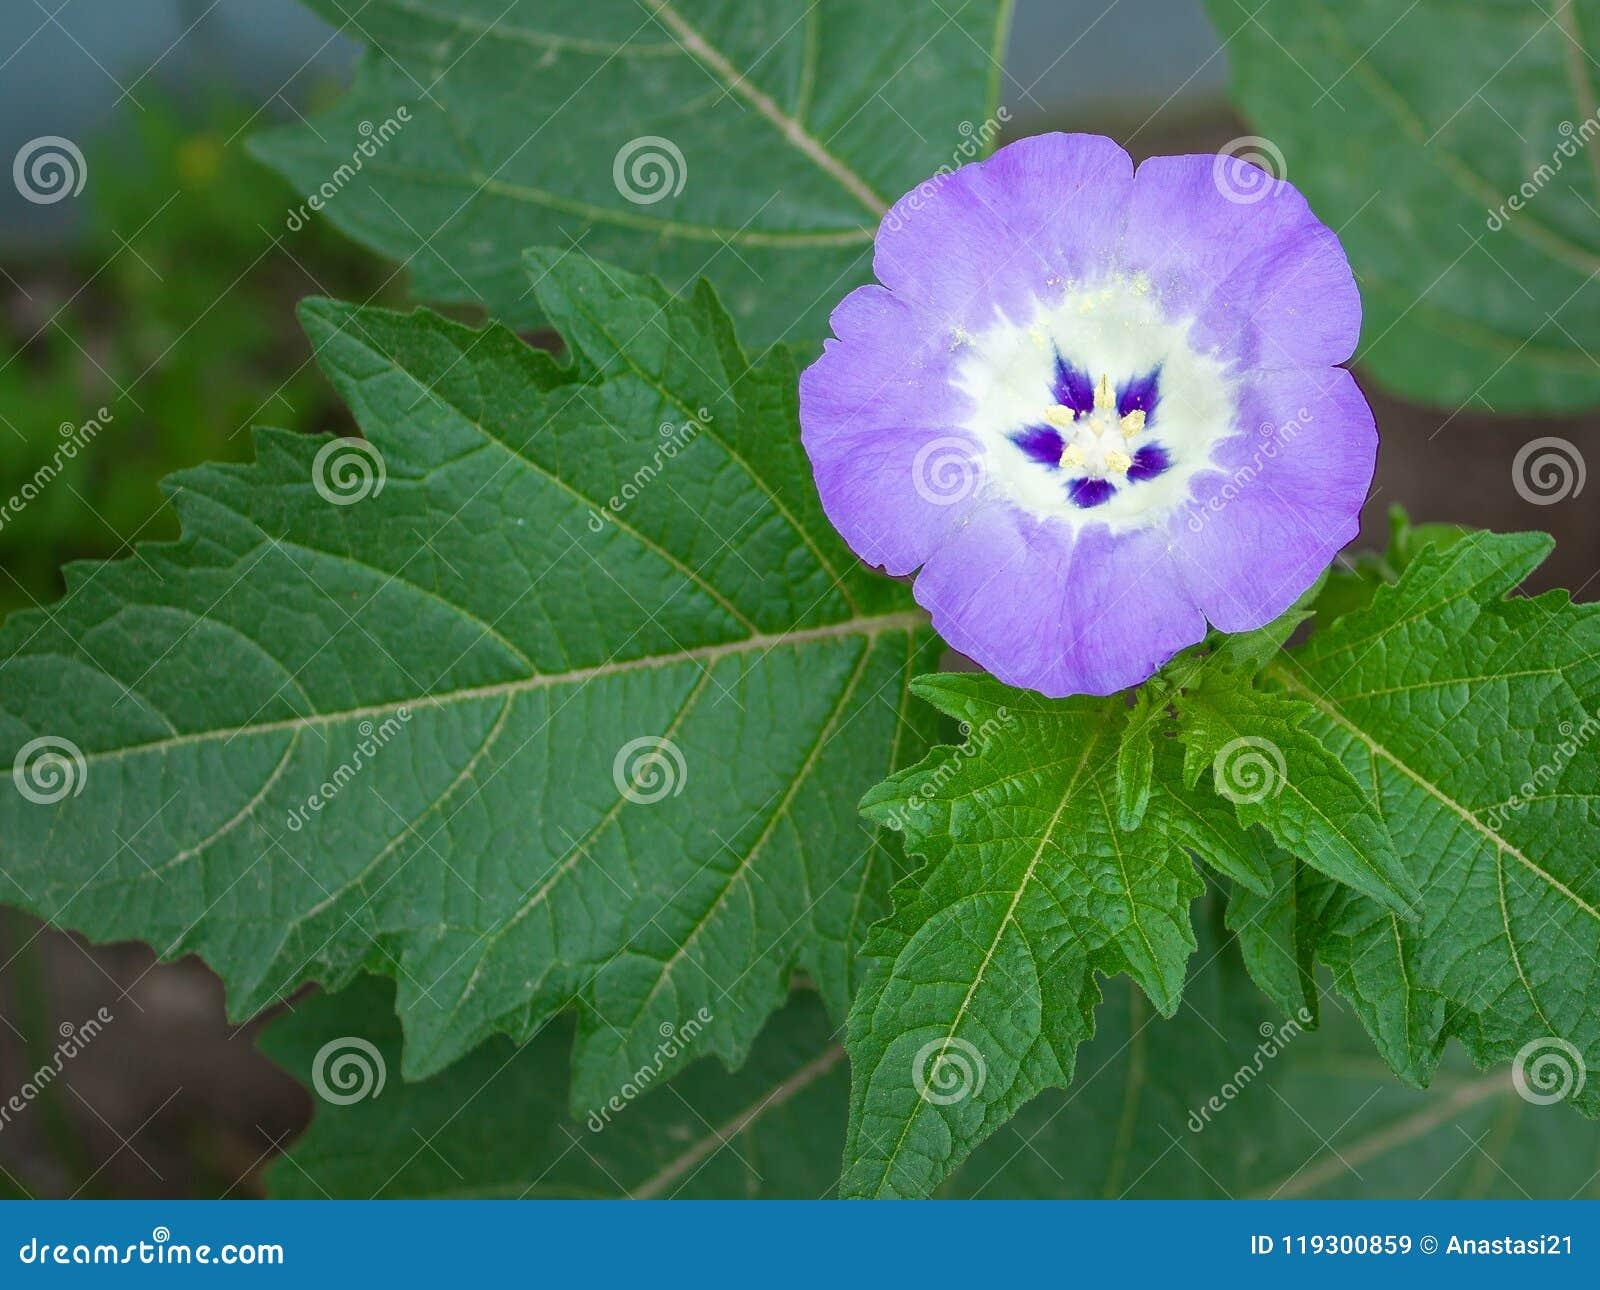 Bladeren en het bloeien physalis, Lilac bloem